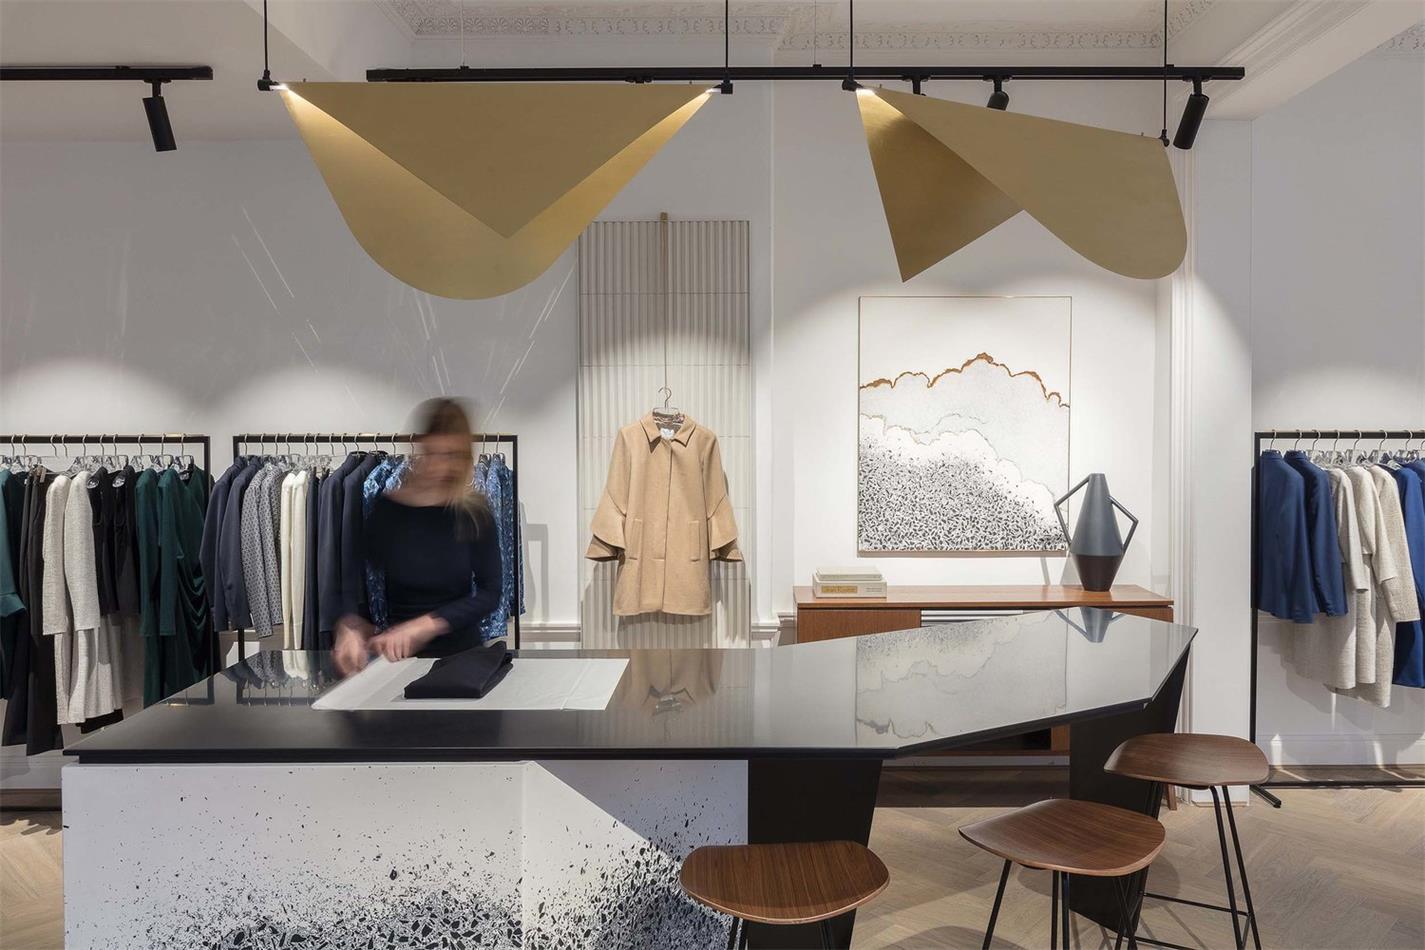 服装店设计, 旗舰店设计, 连锁店设计,精品店设计, 服装店图片,服装店方案,店面设计,商业空间设计,零售设计